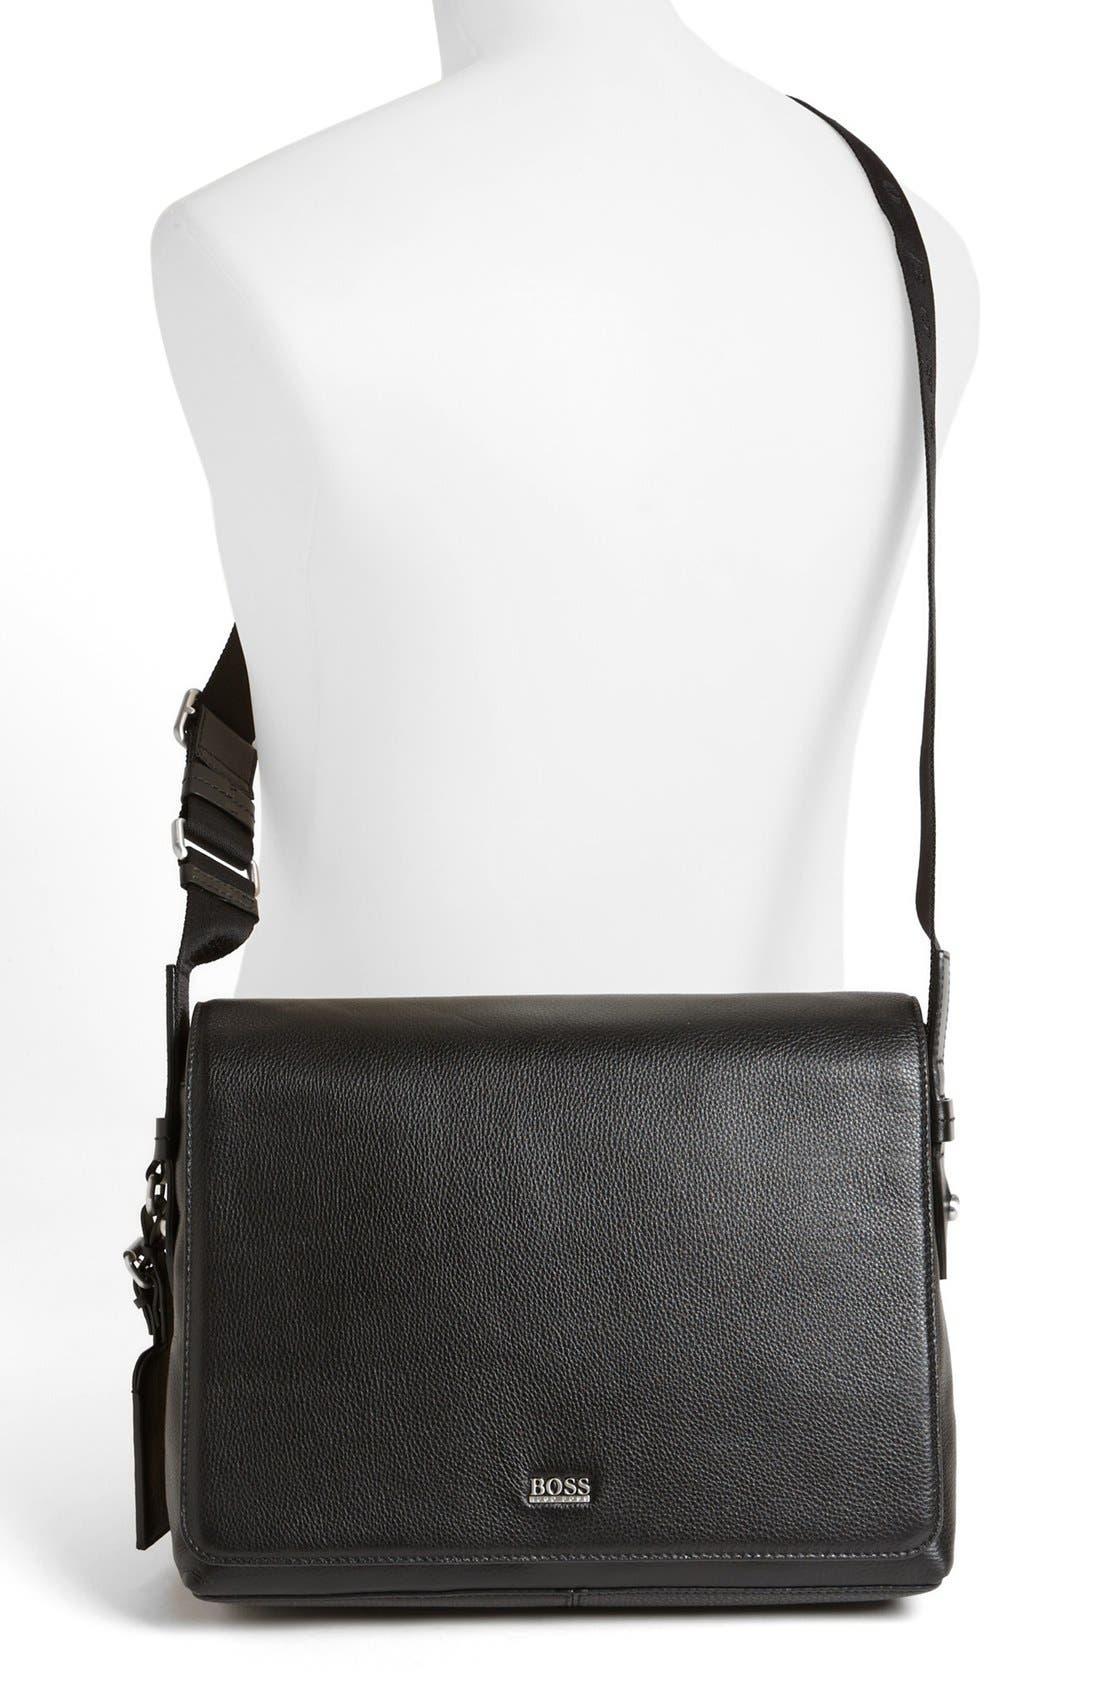 HUGO BOSS 'Barter' Leather Messenger Bag,                             Alternate thumbnail 4, color,                             001